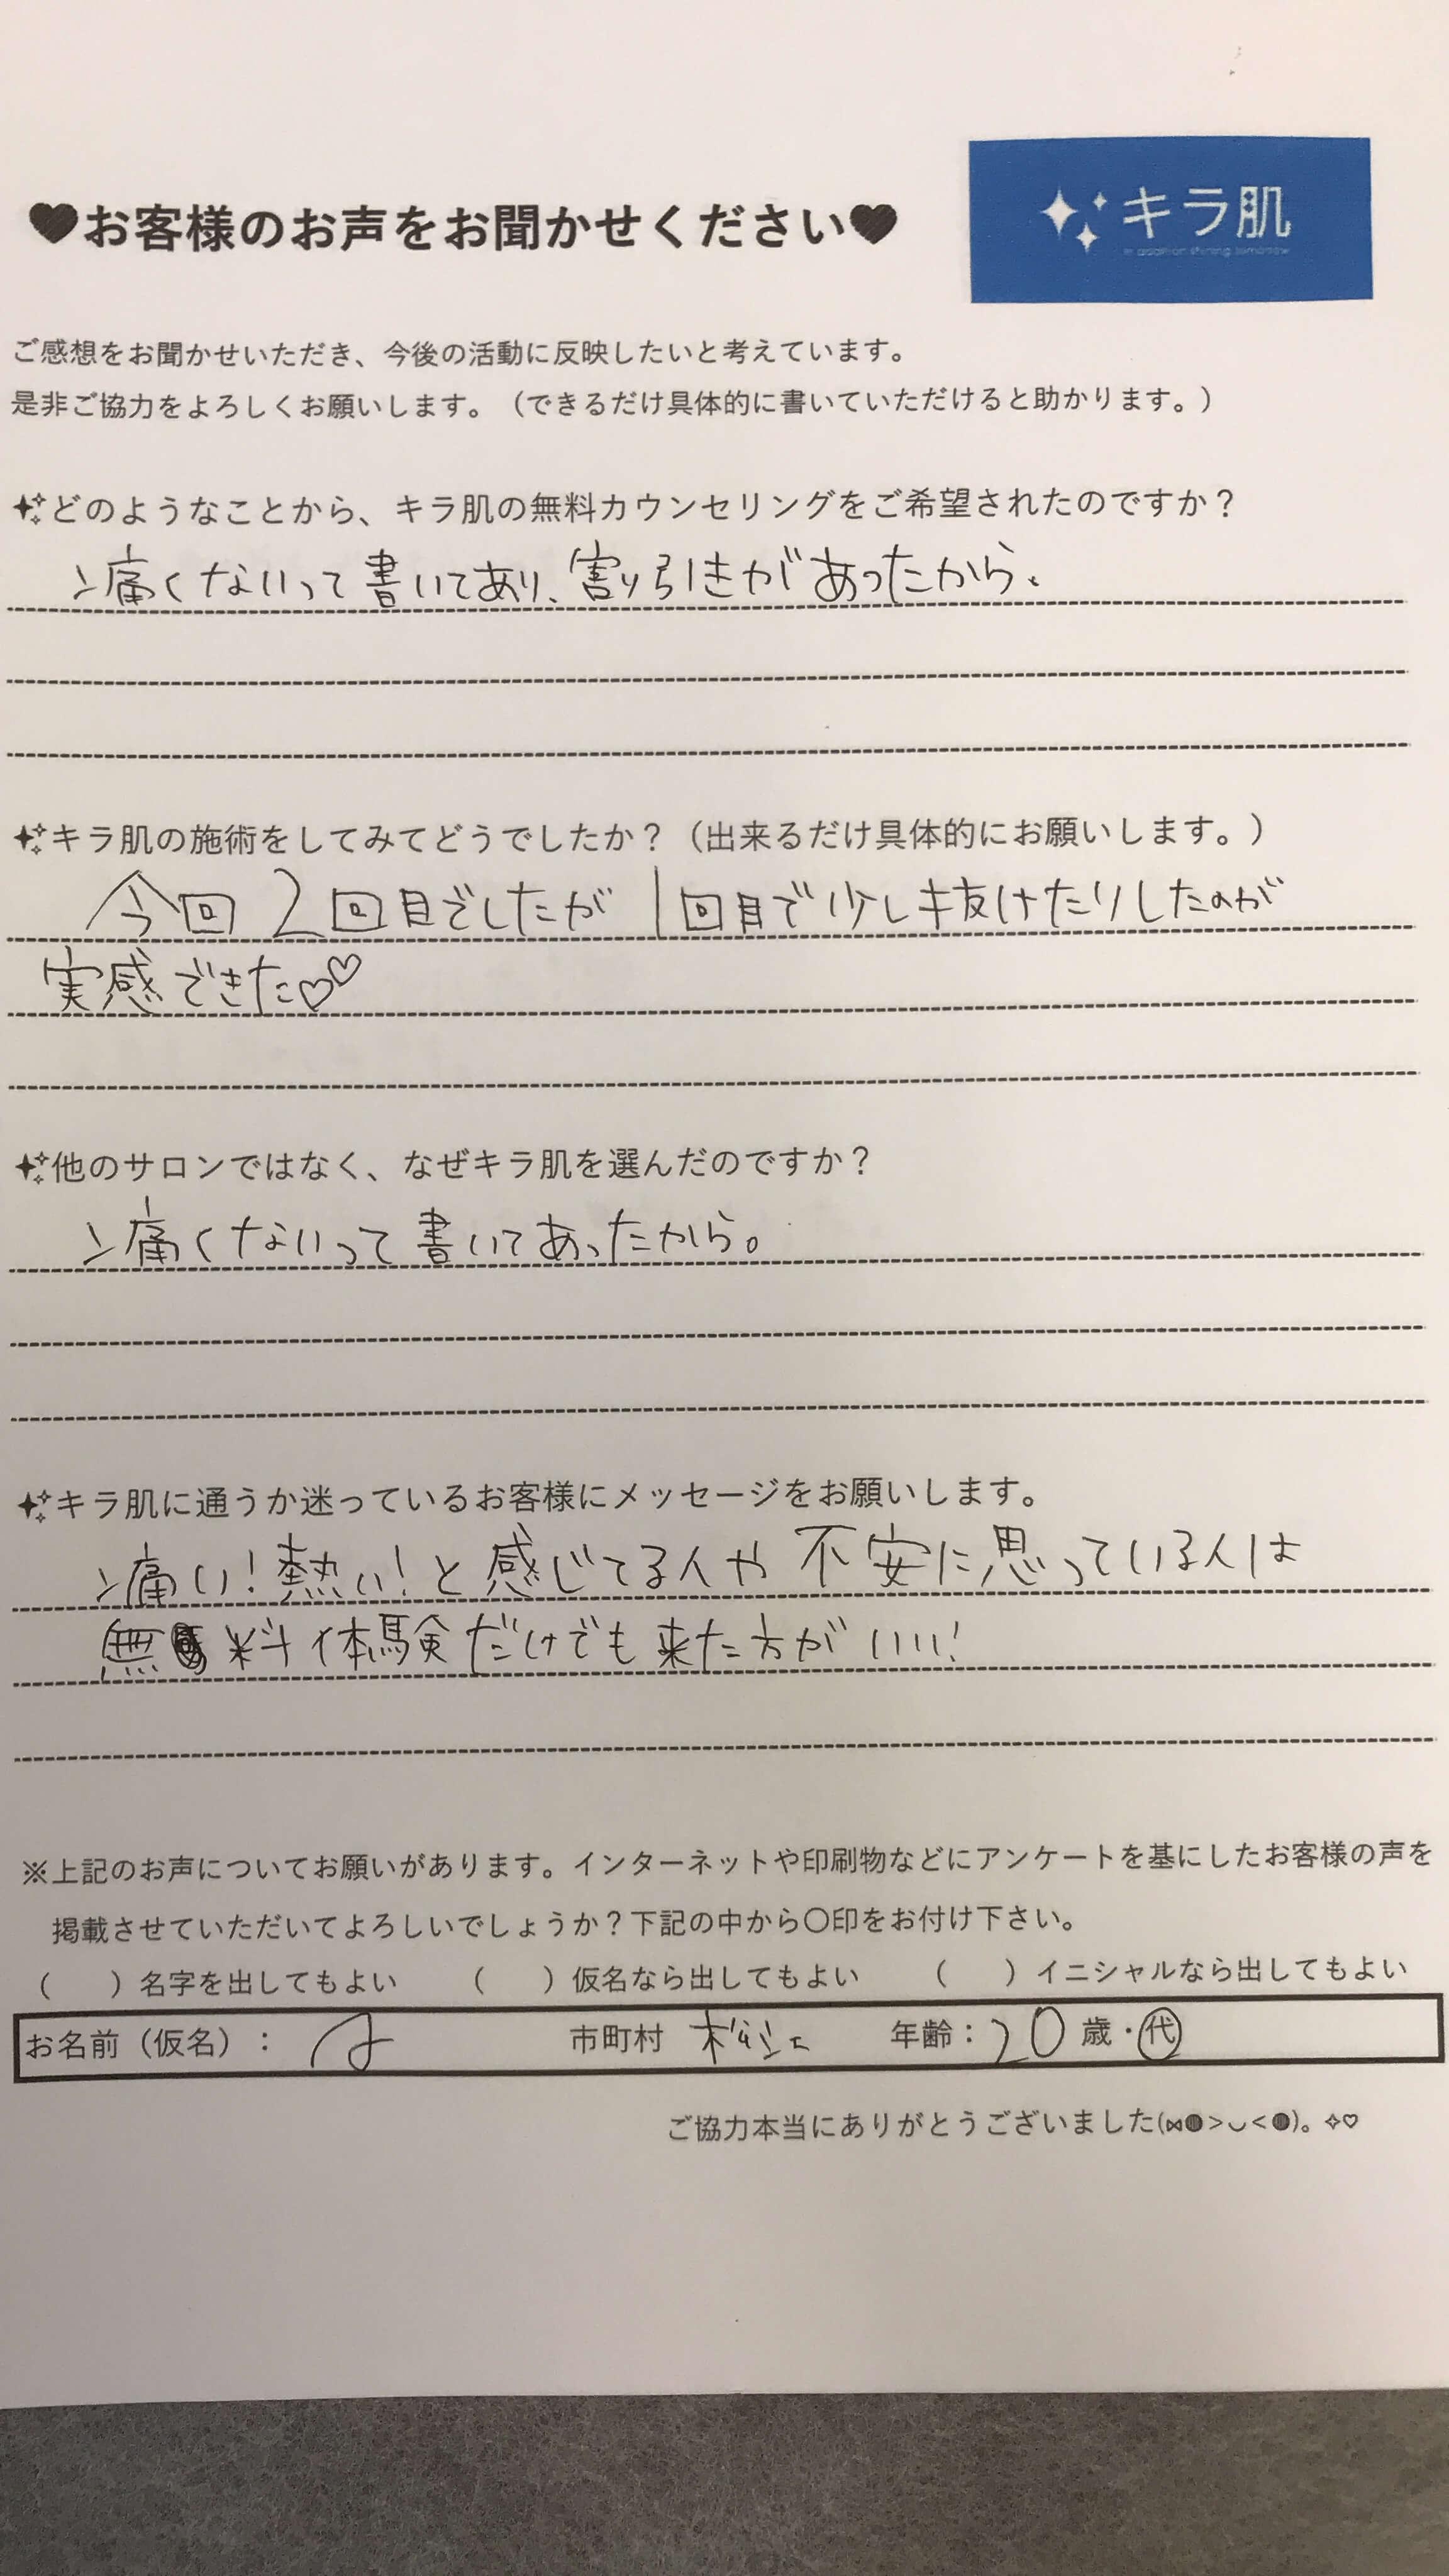 松江フォーゲルパーク近辺在住お客様口コミ。